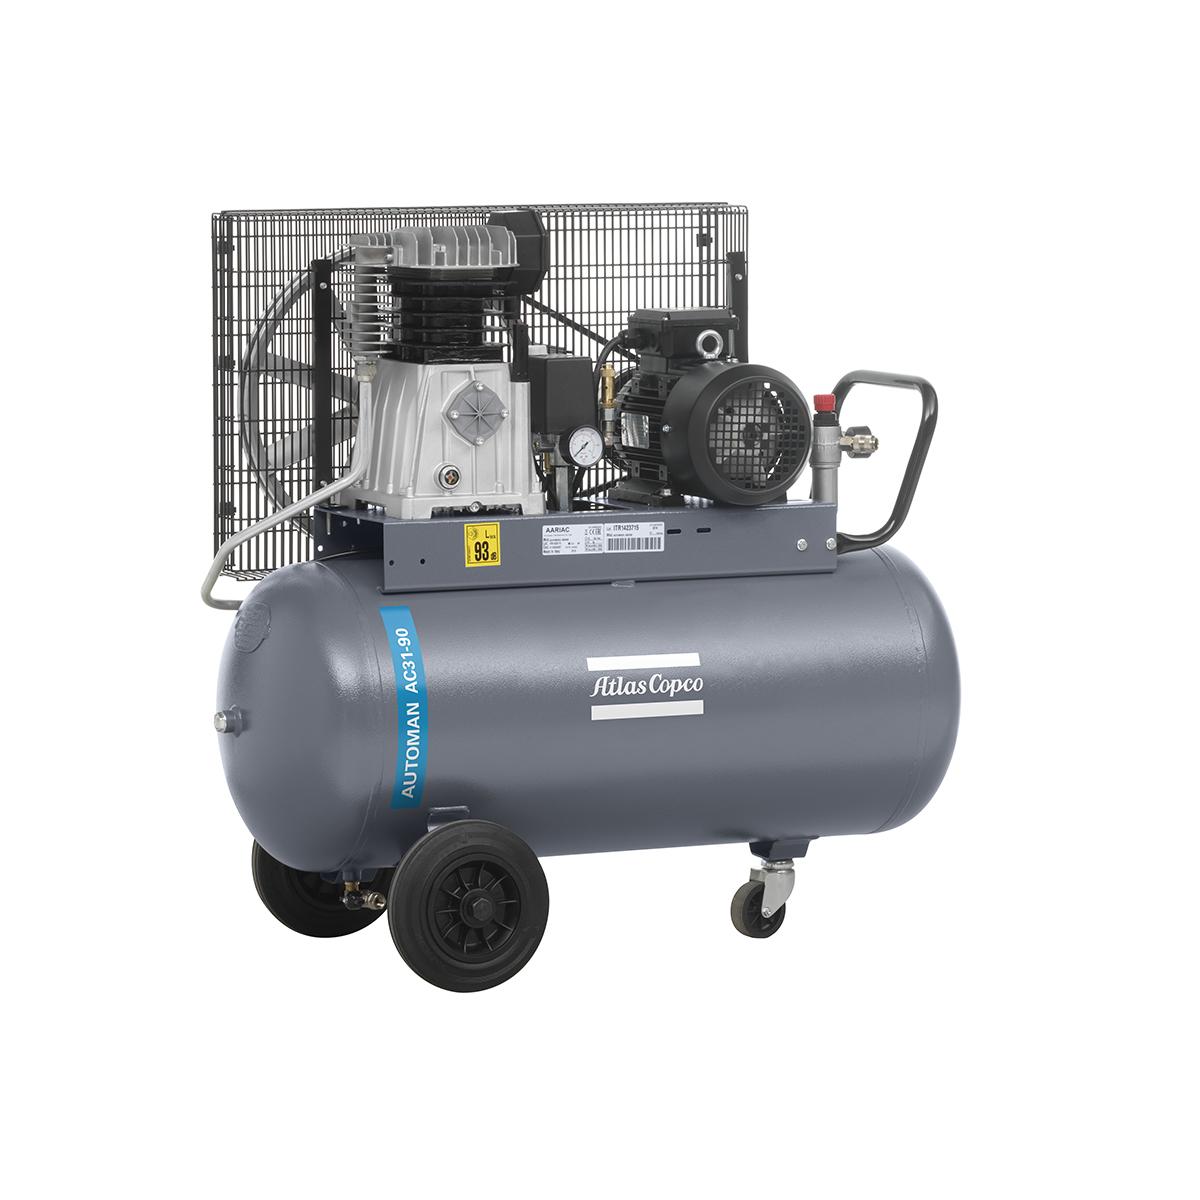 Piston Air Compressors - 2.2kW Piston Air Compressor AC31E90